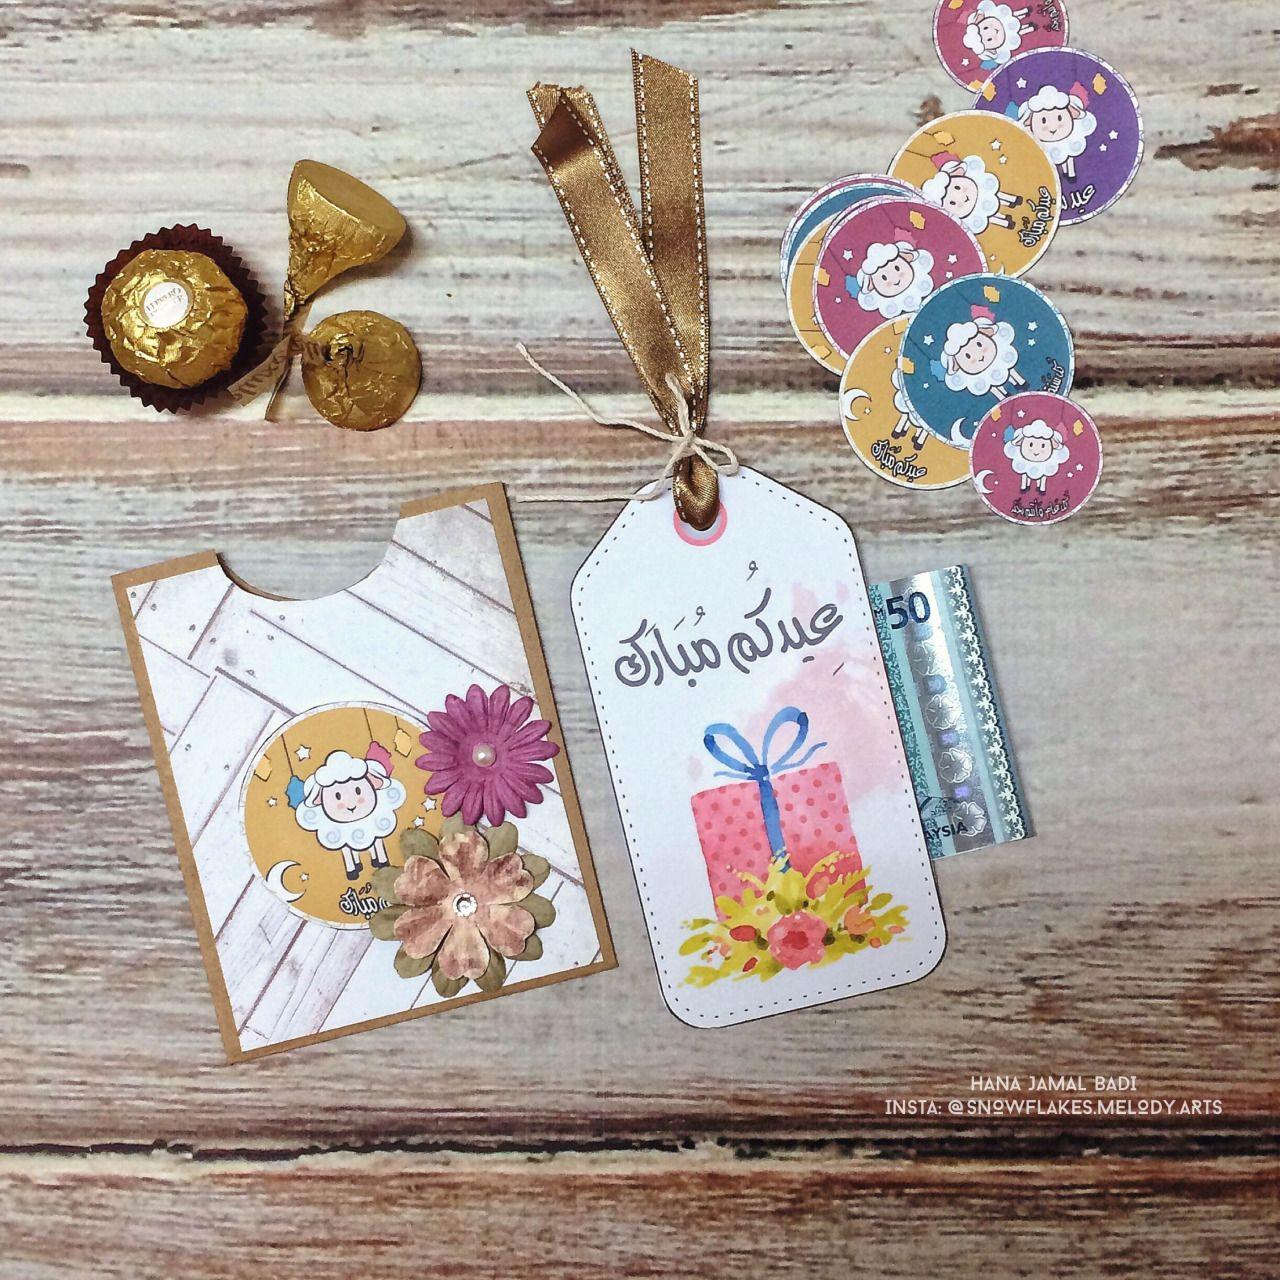 نموذج ظرف عيدية Money Pocket Template Eid Stickers Eid Cards Eid Crafts